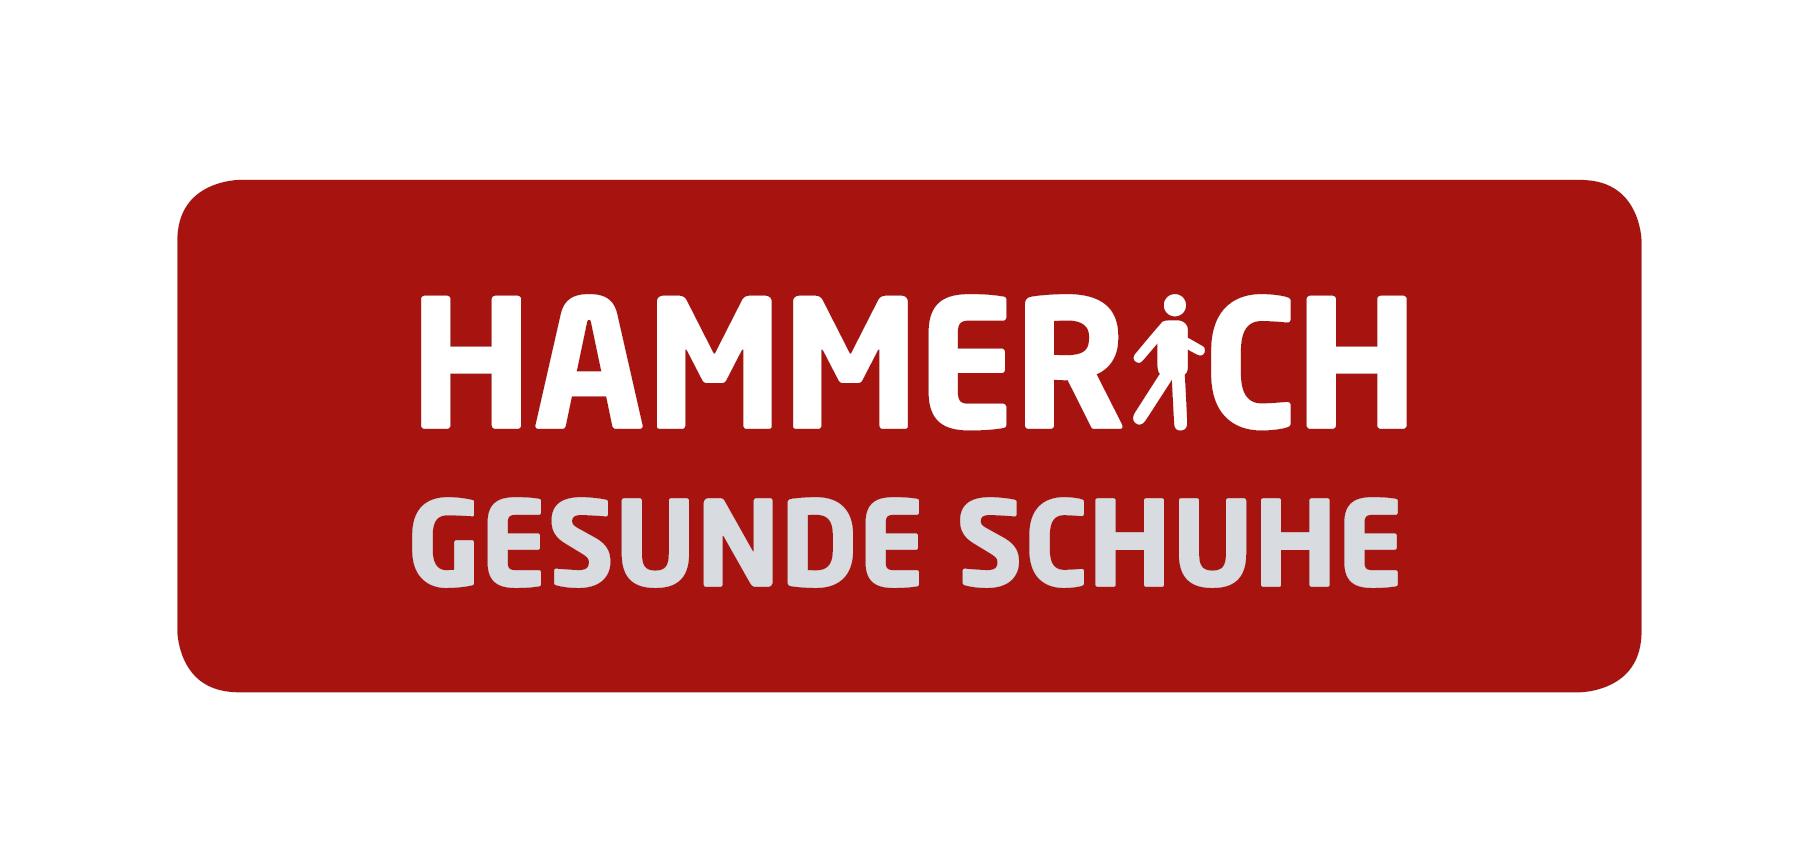 Hammerich Gesunde Schuhe